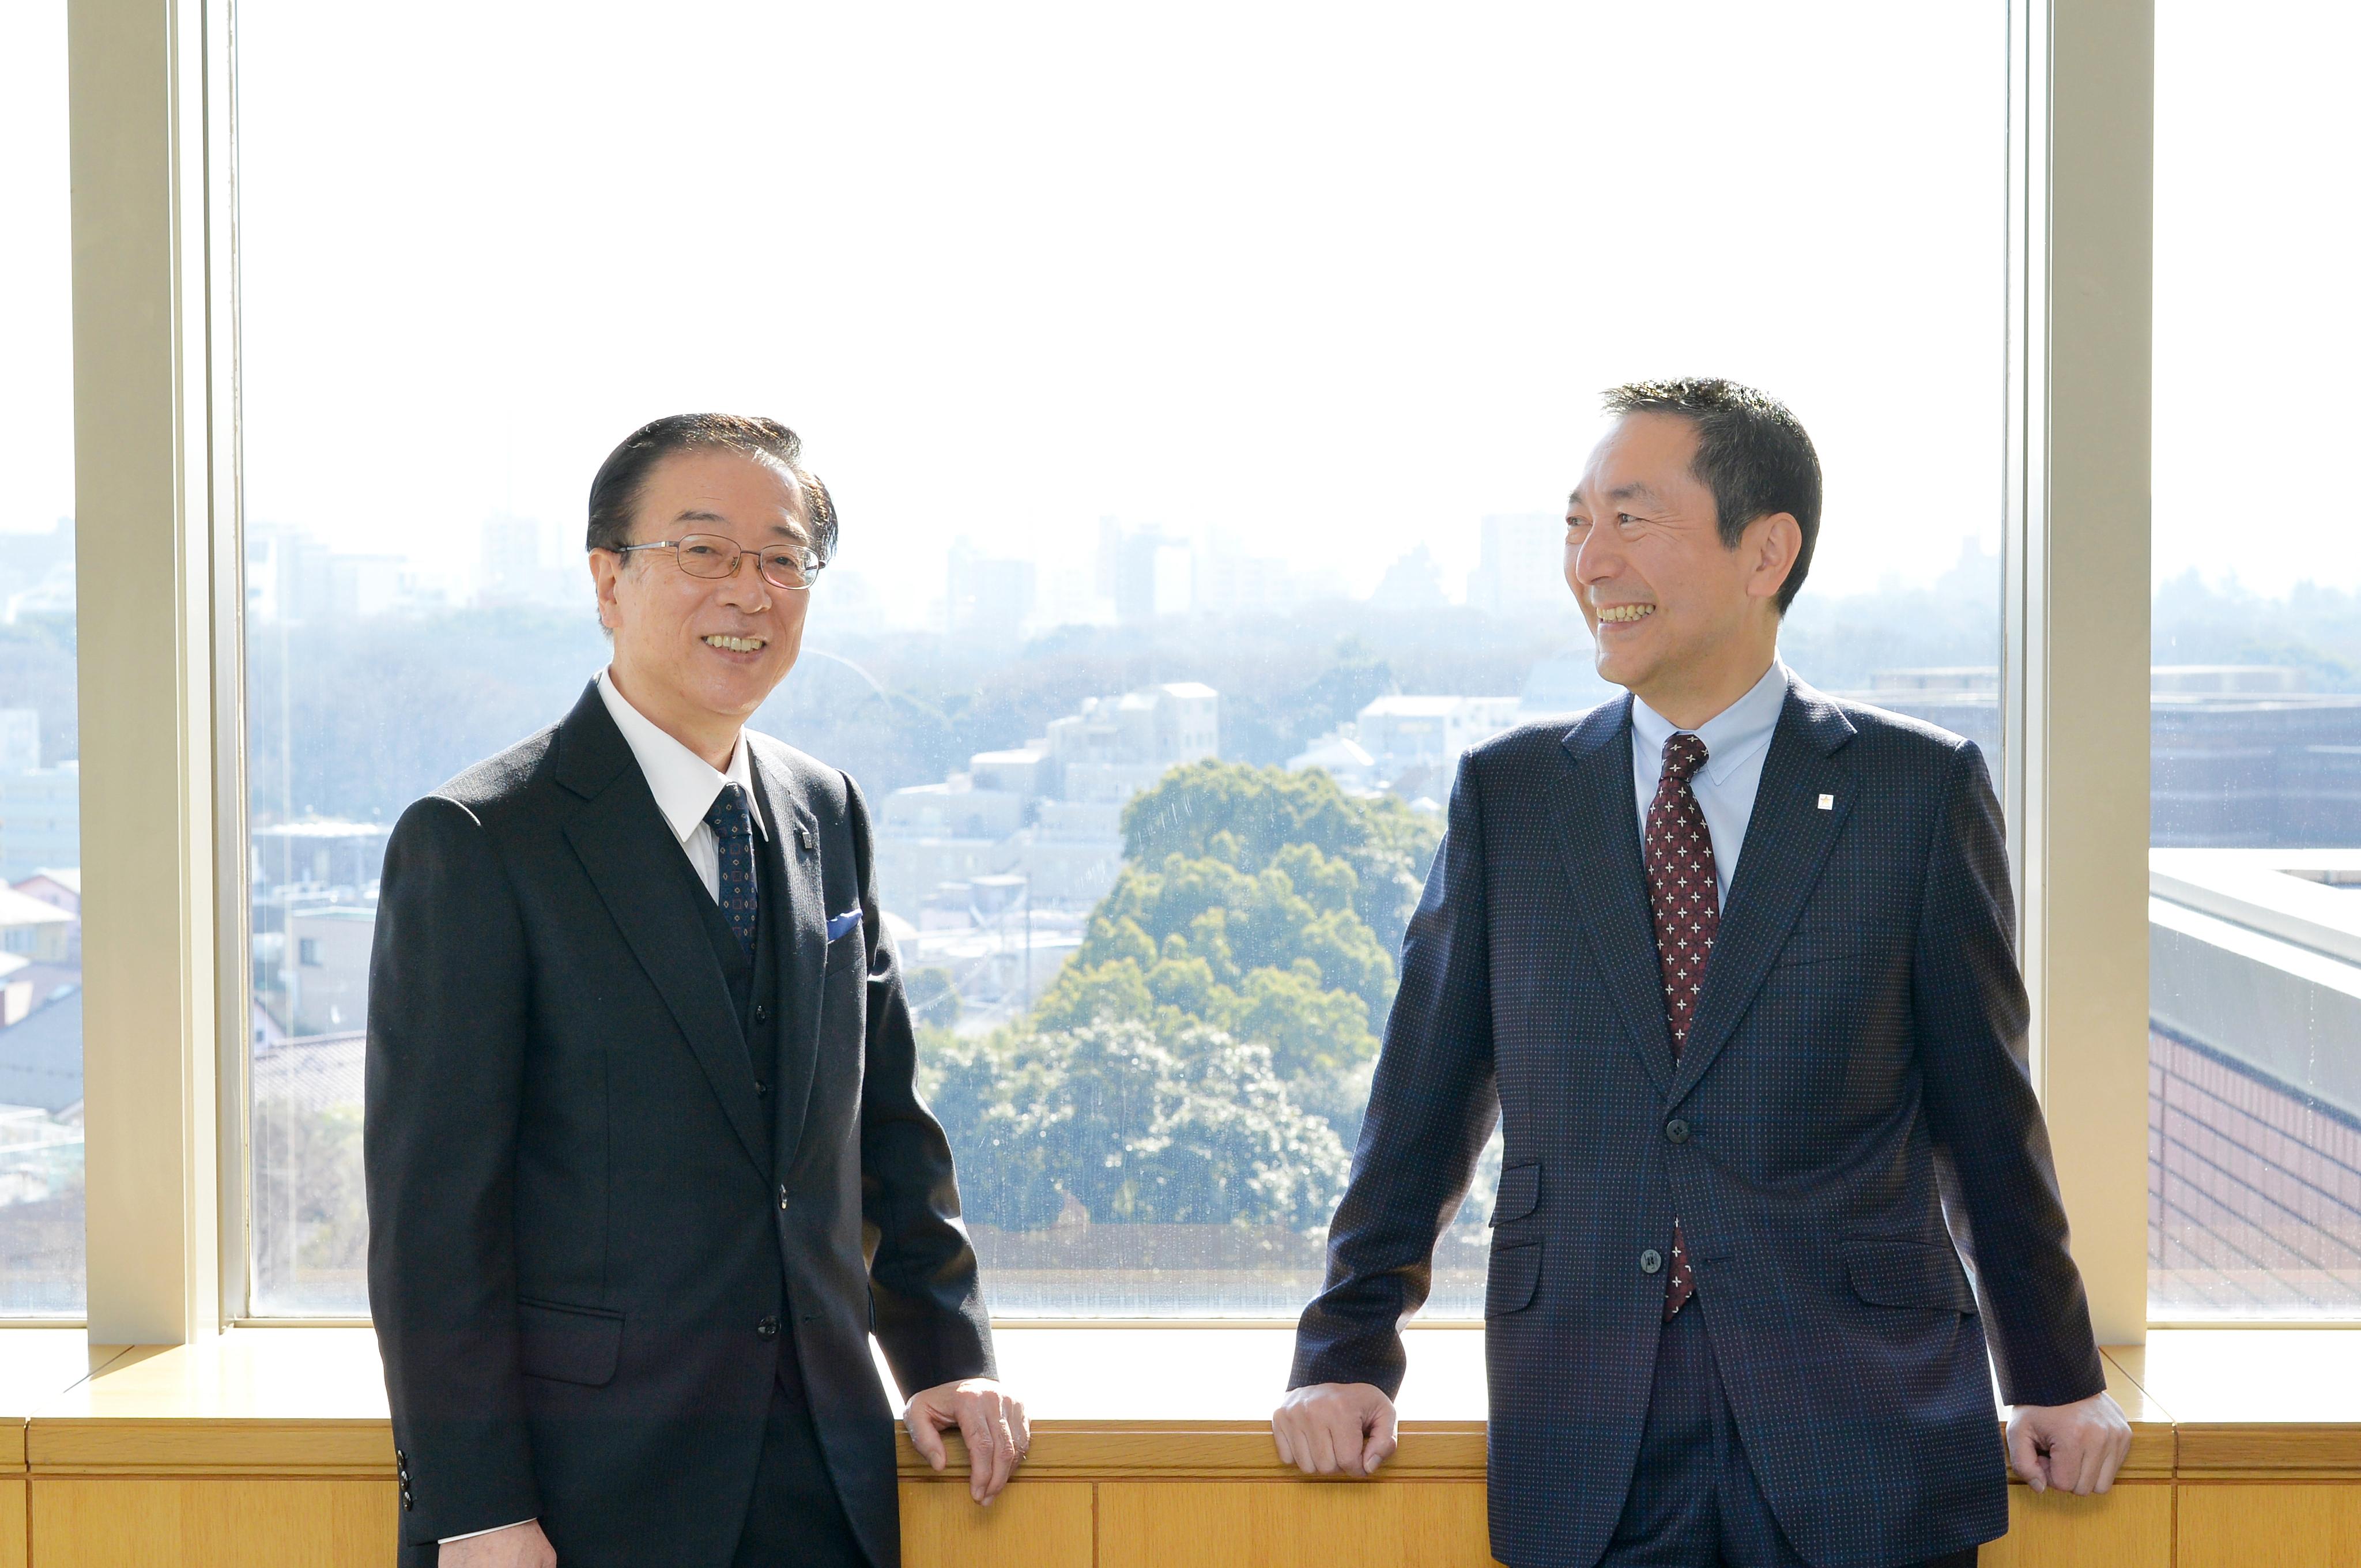 渋谷区を拠点に、両者はさらなる地域貢献をしていく。